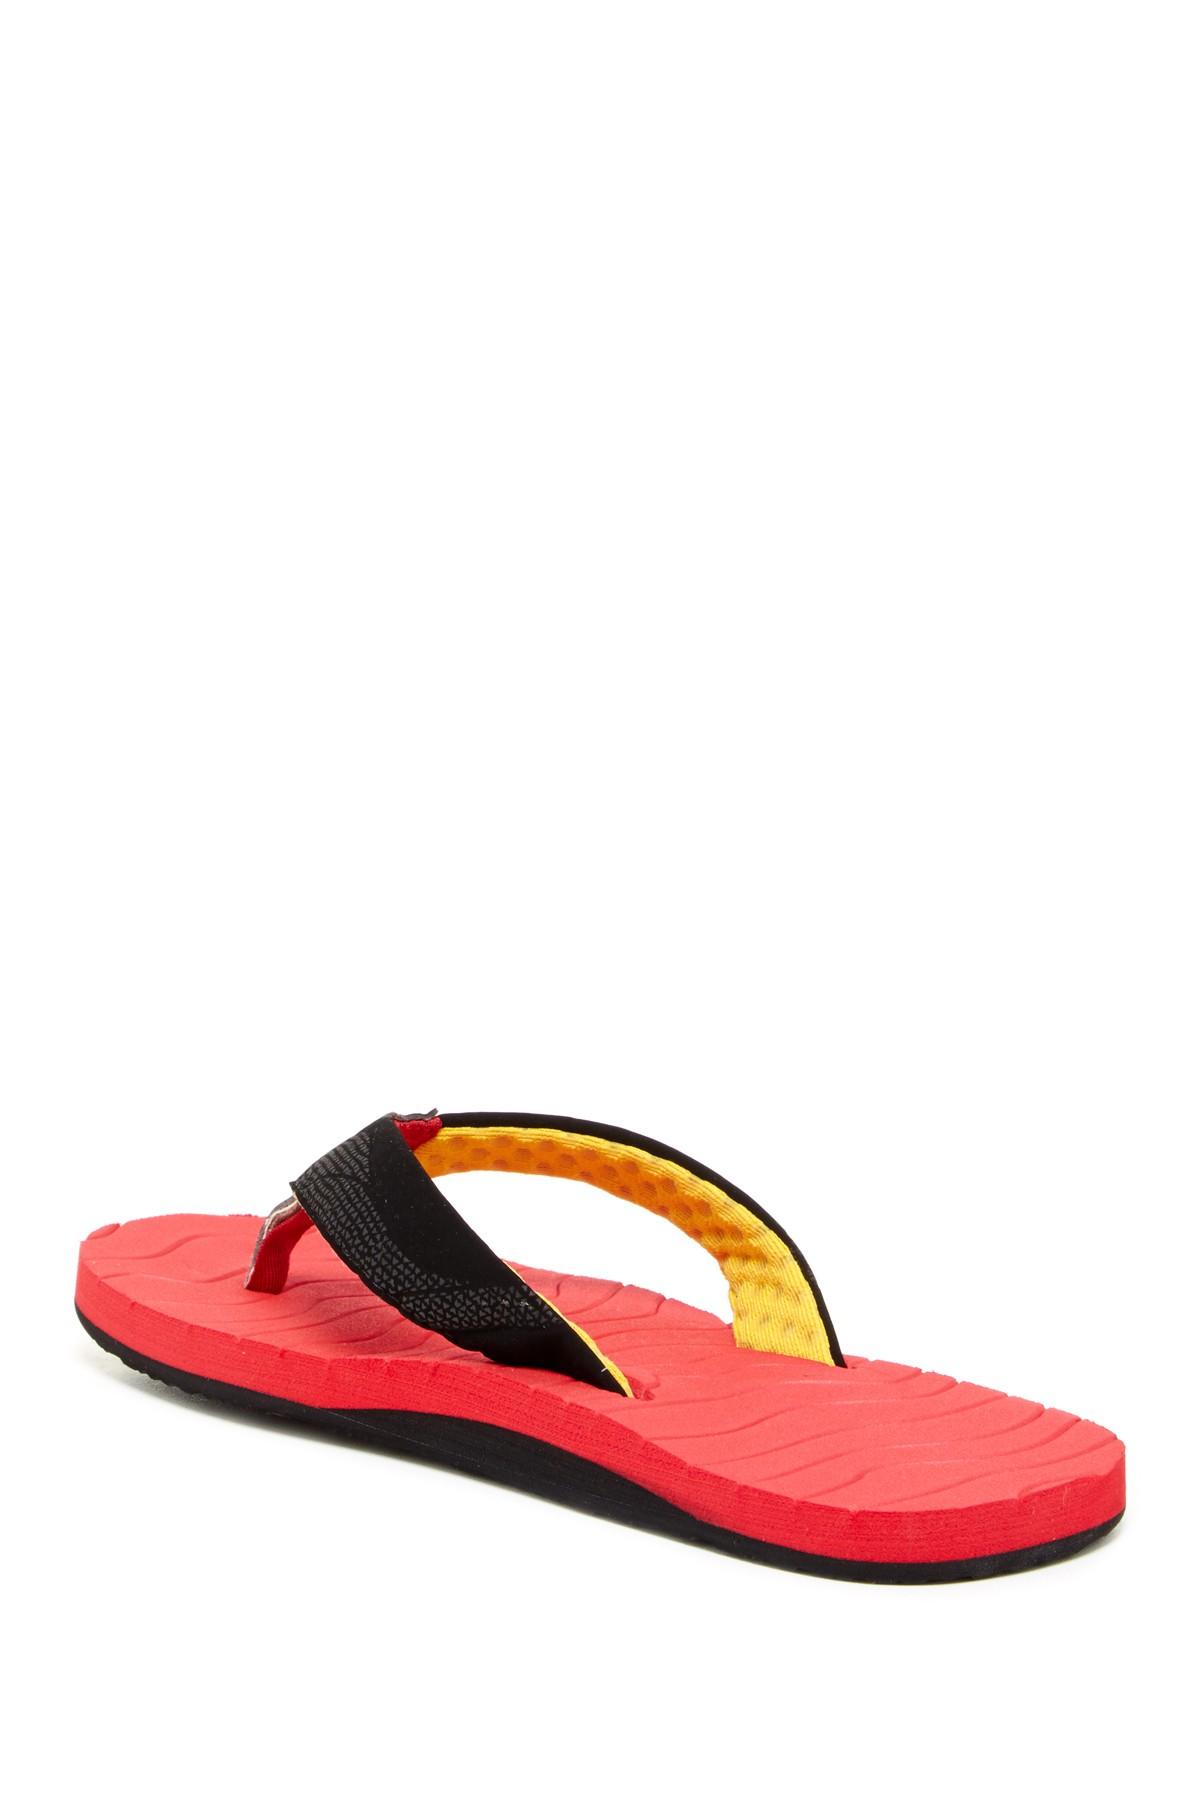 Cobian Shoes Sizing